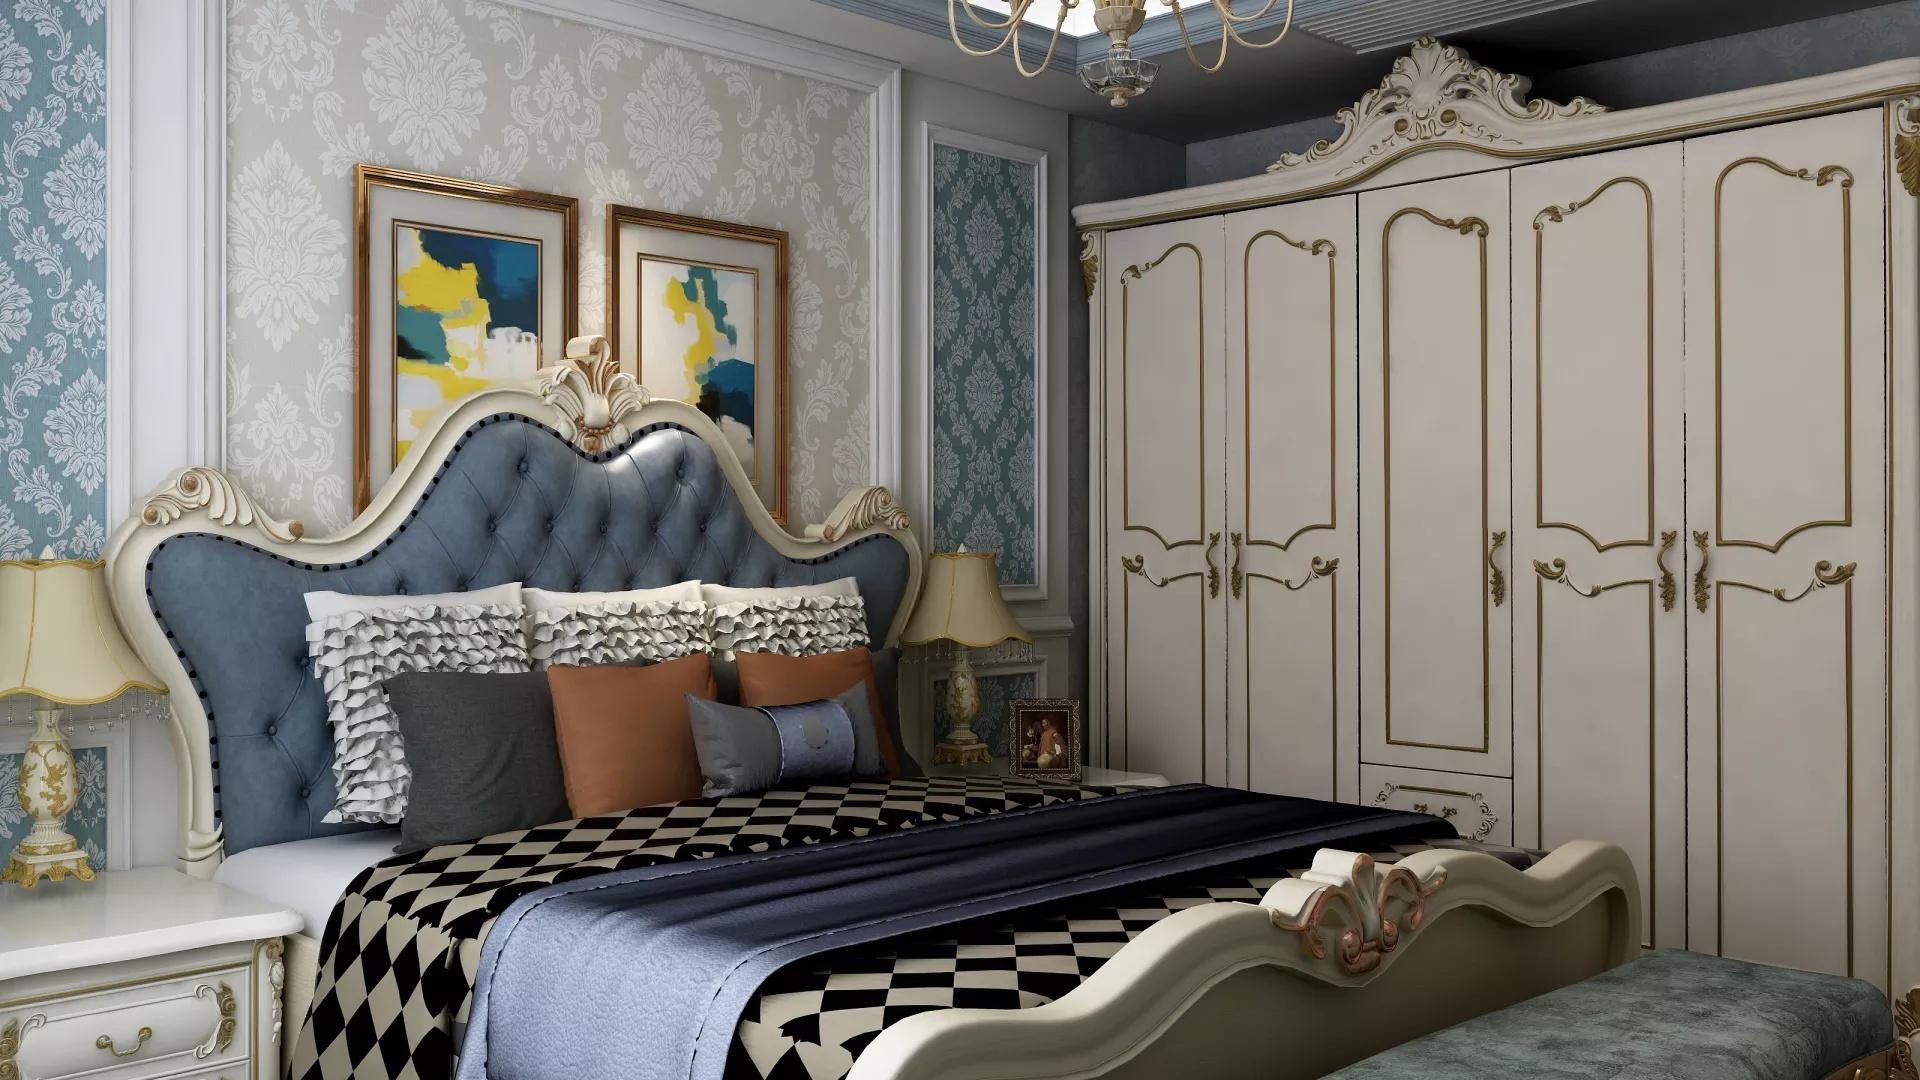 玄关,门厅,二居室装修,中式风格,简洁